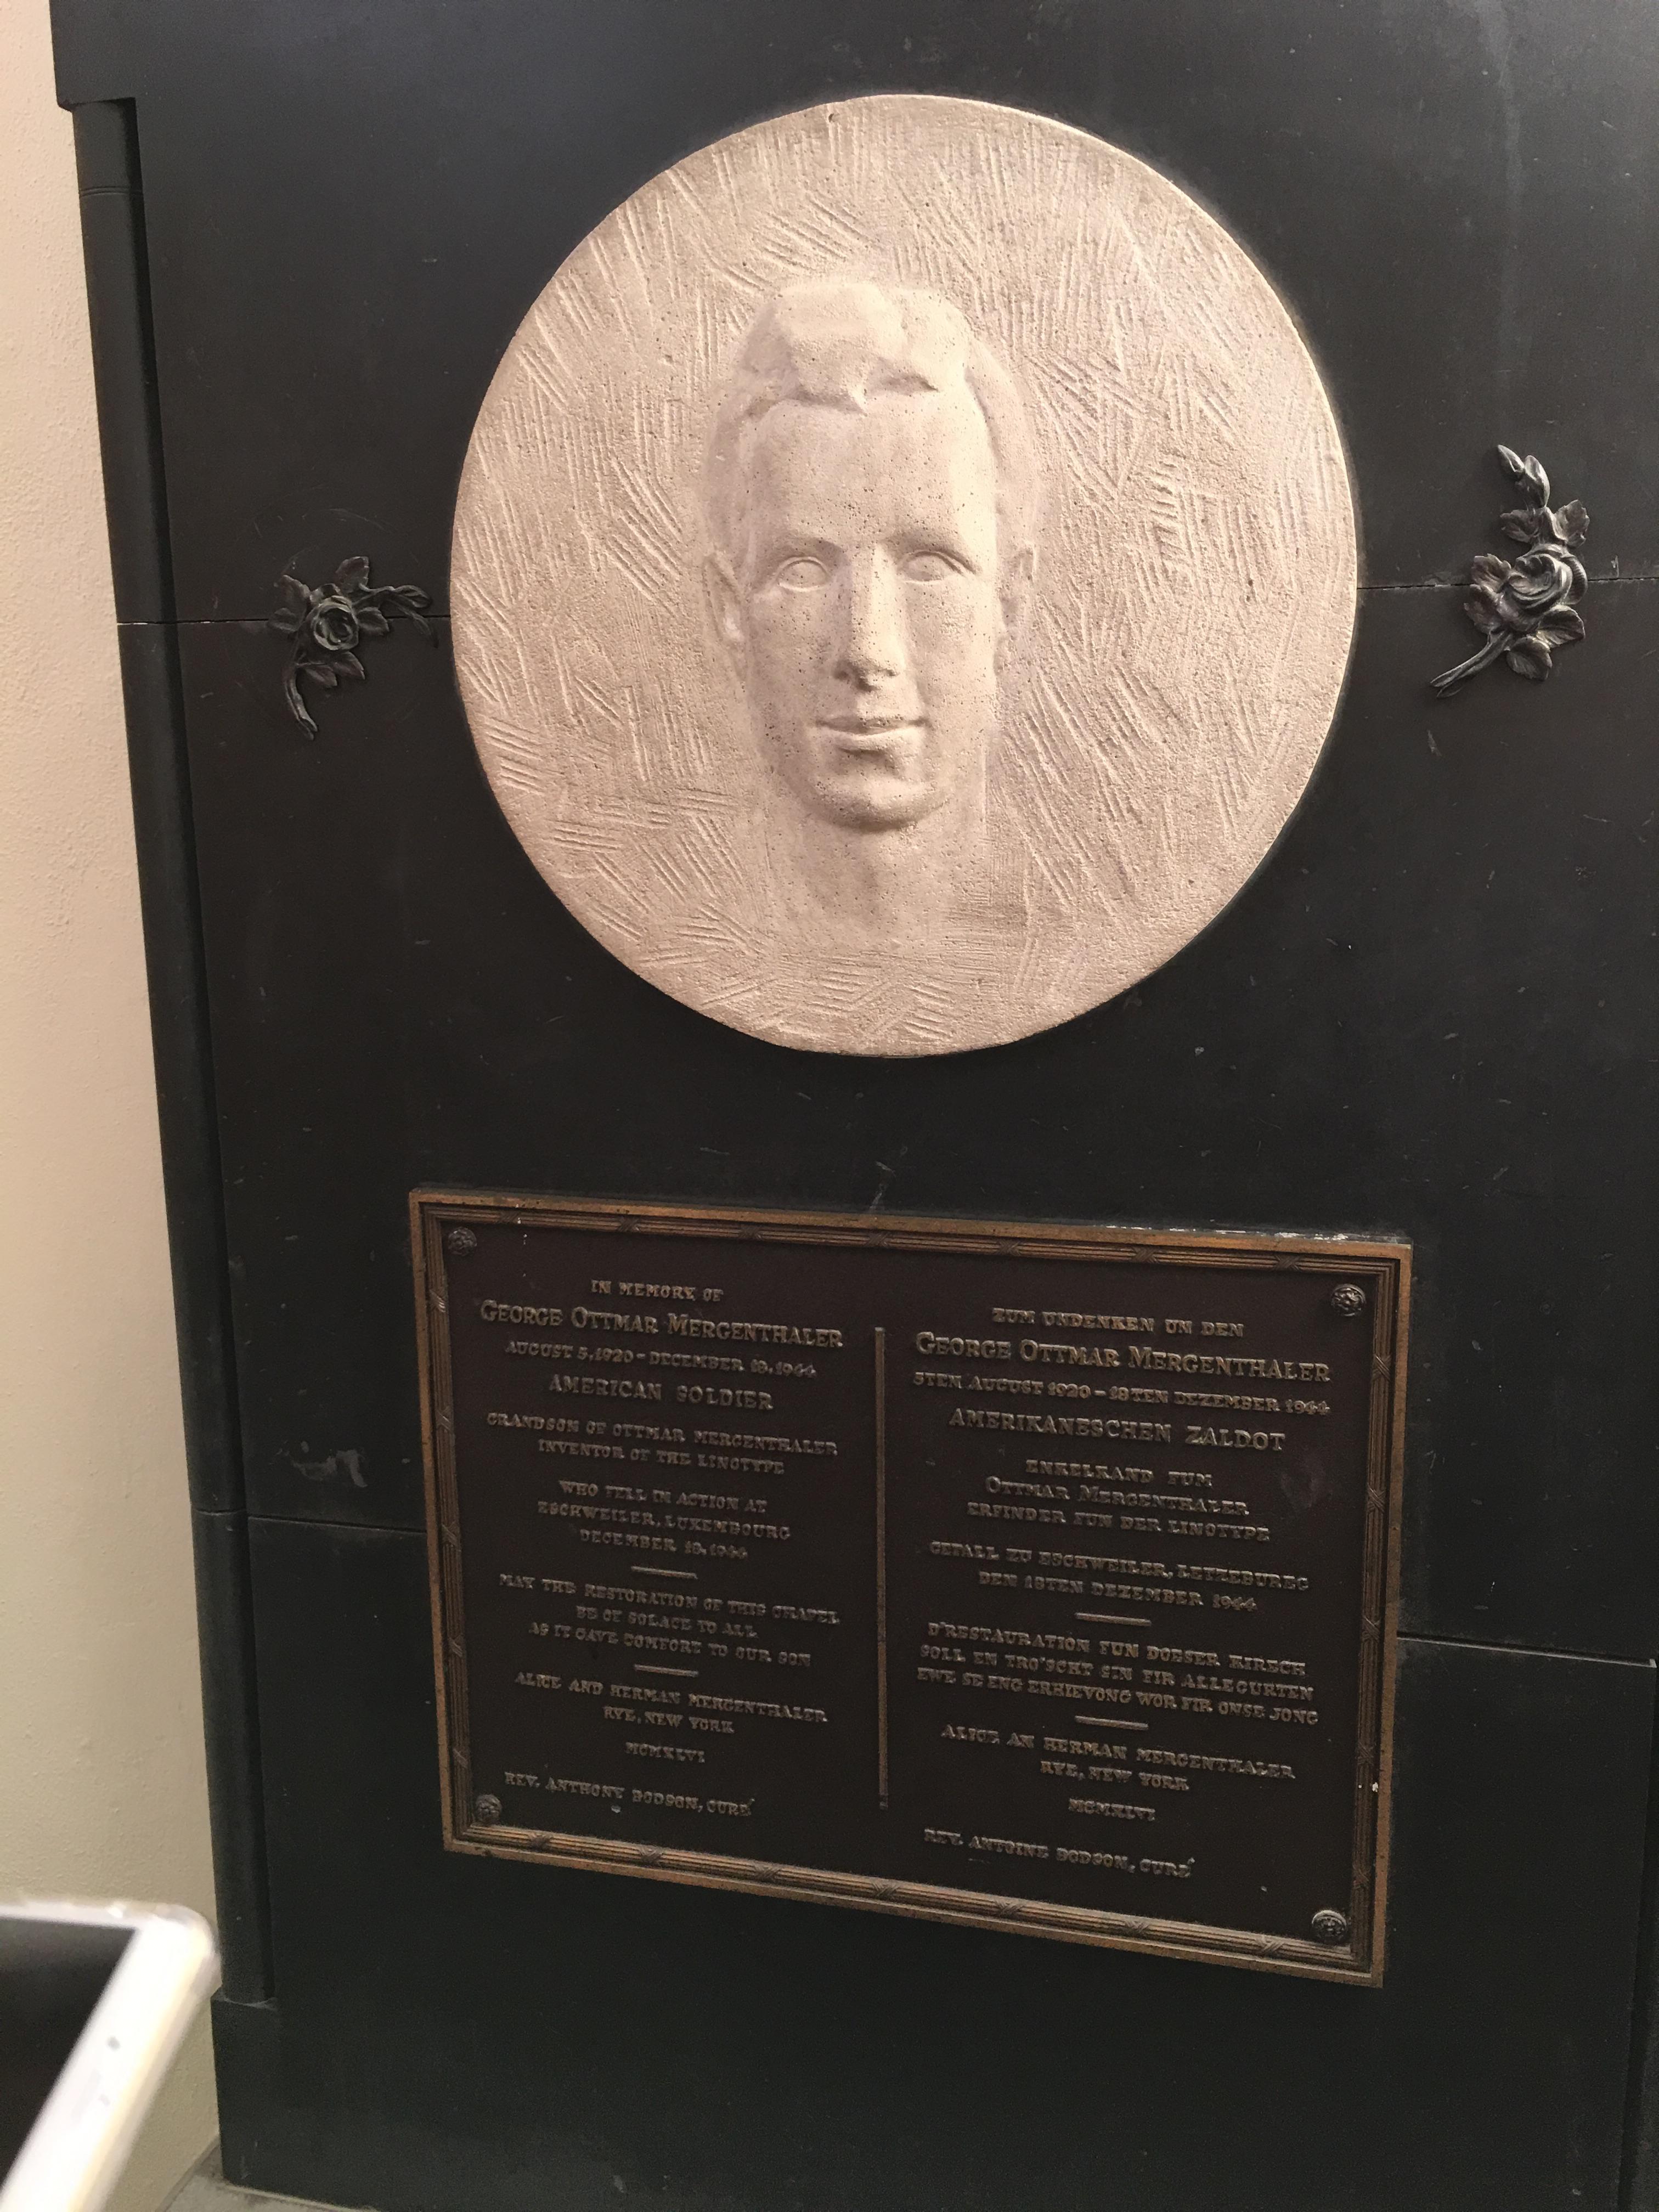 George Mergenthaler plaster disk